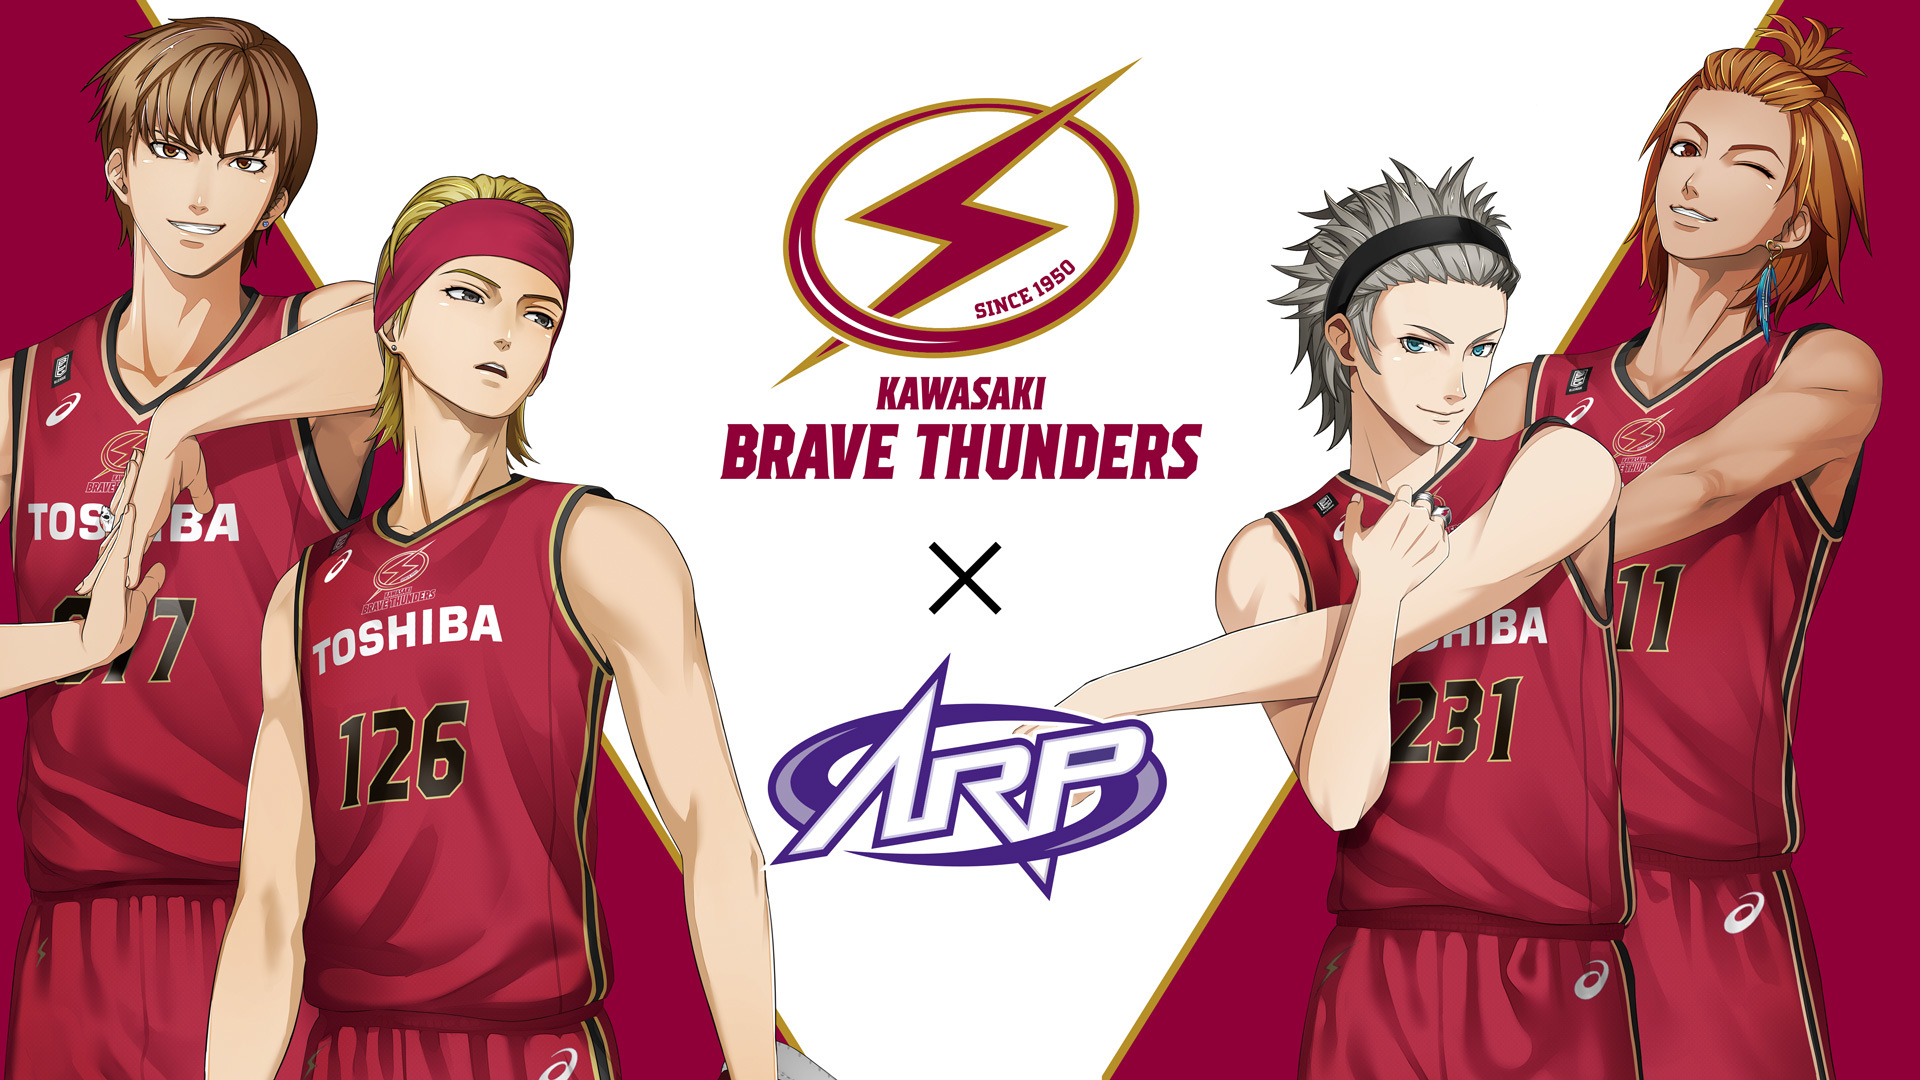 川崎ブレイブサンダースのユニフォームを着たARダンス&ボーカルグループ『ARP』